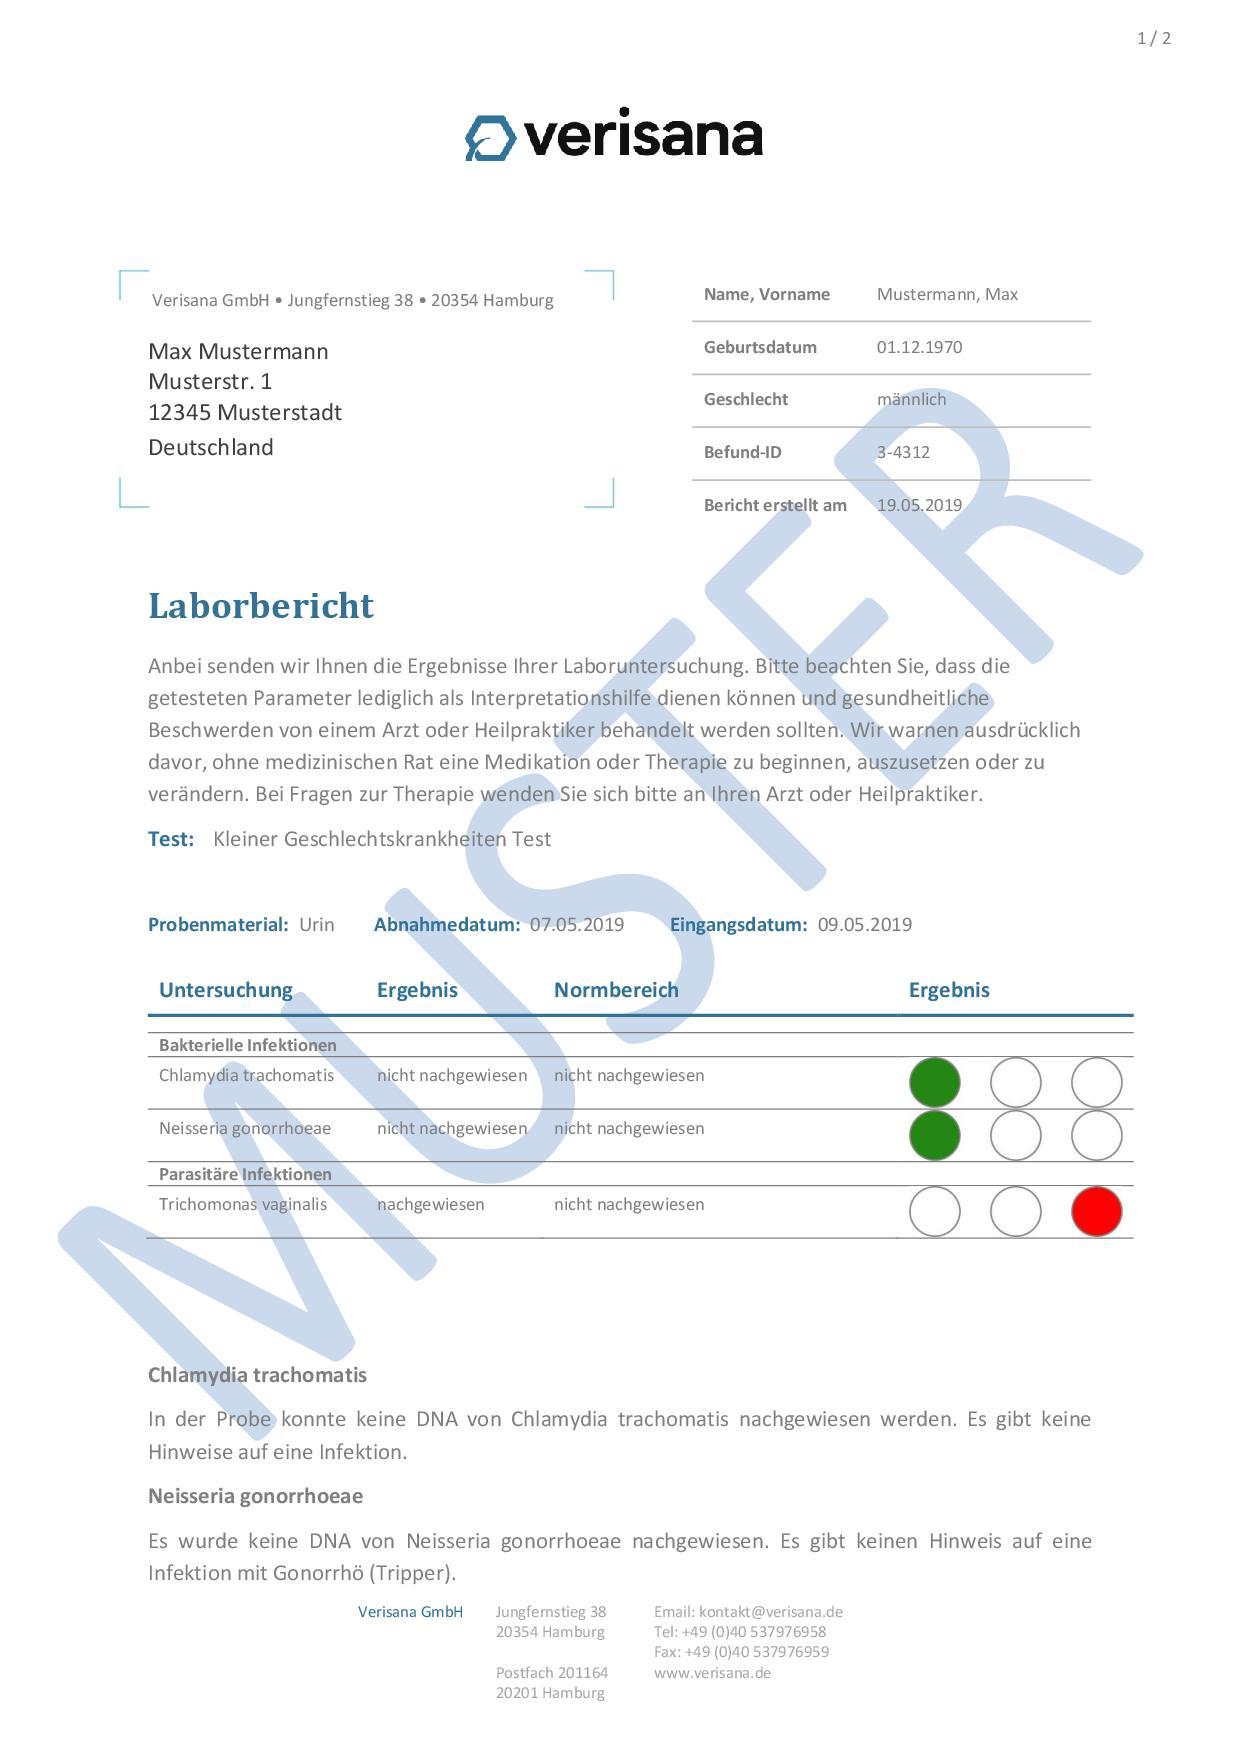 Kleiner Geschlechtskrankheiten Test (Mann) Muster 1